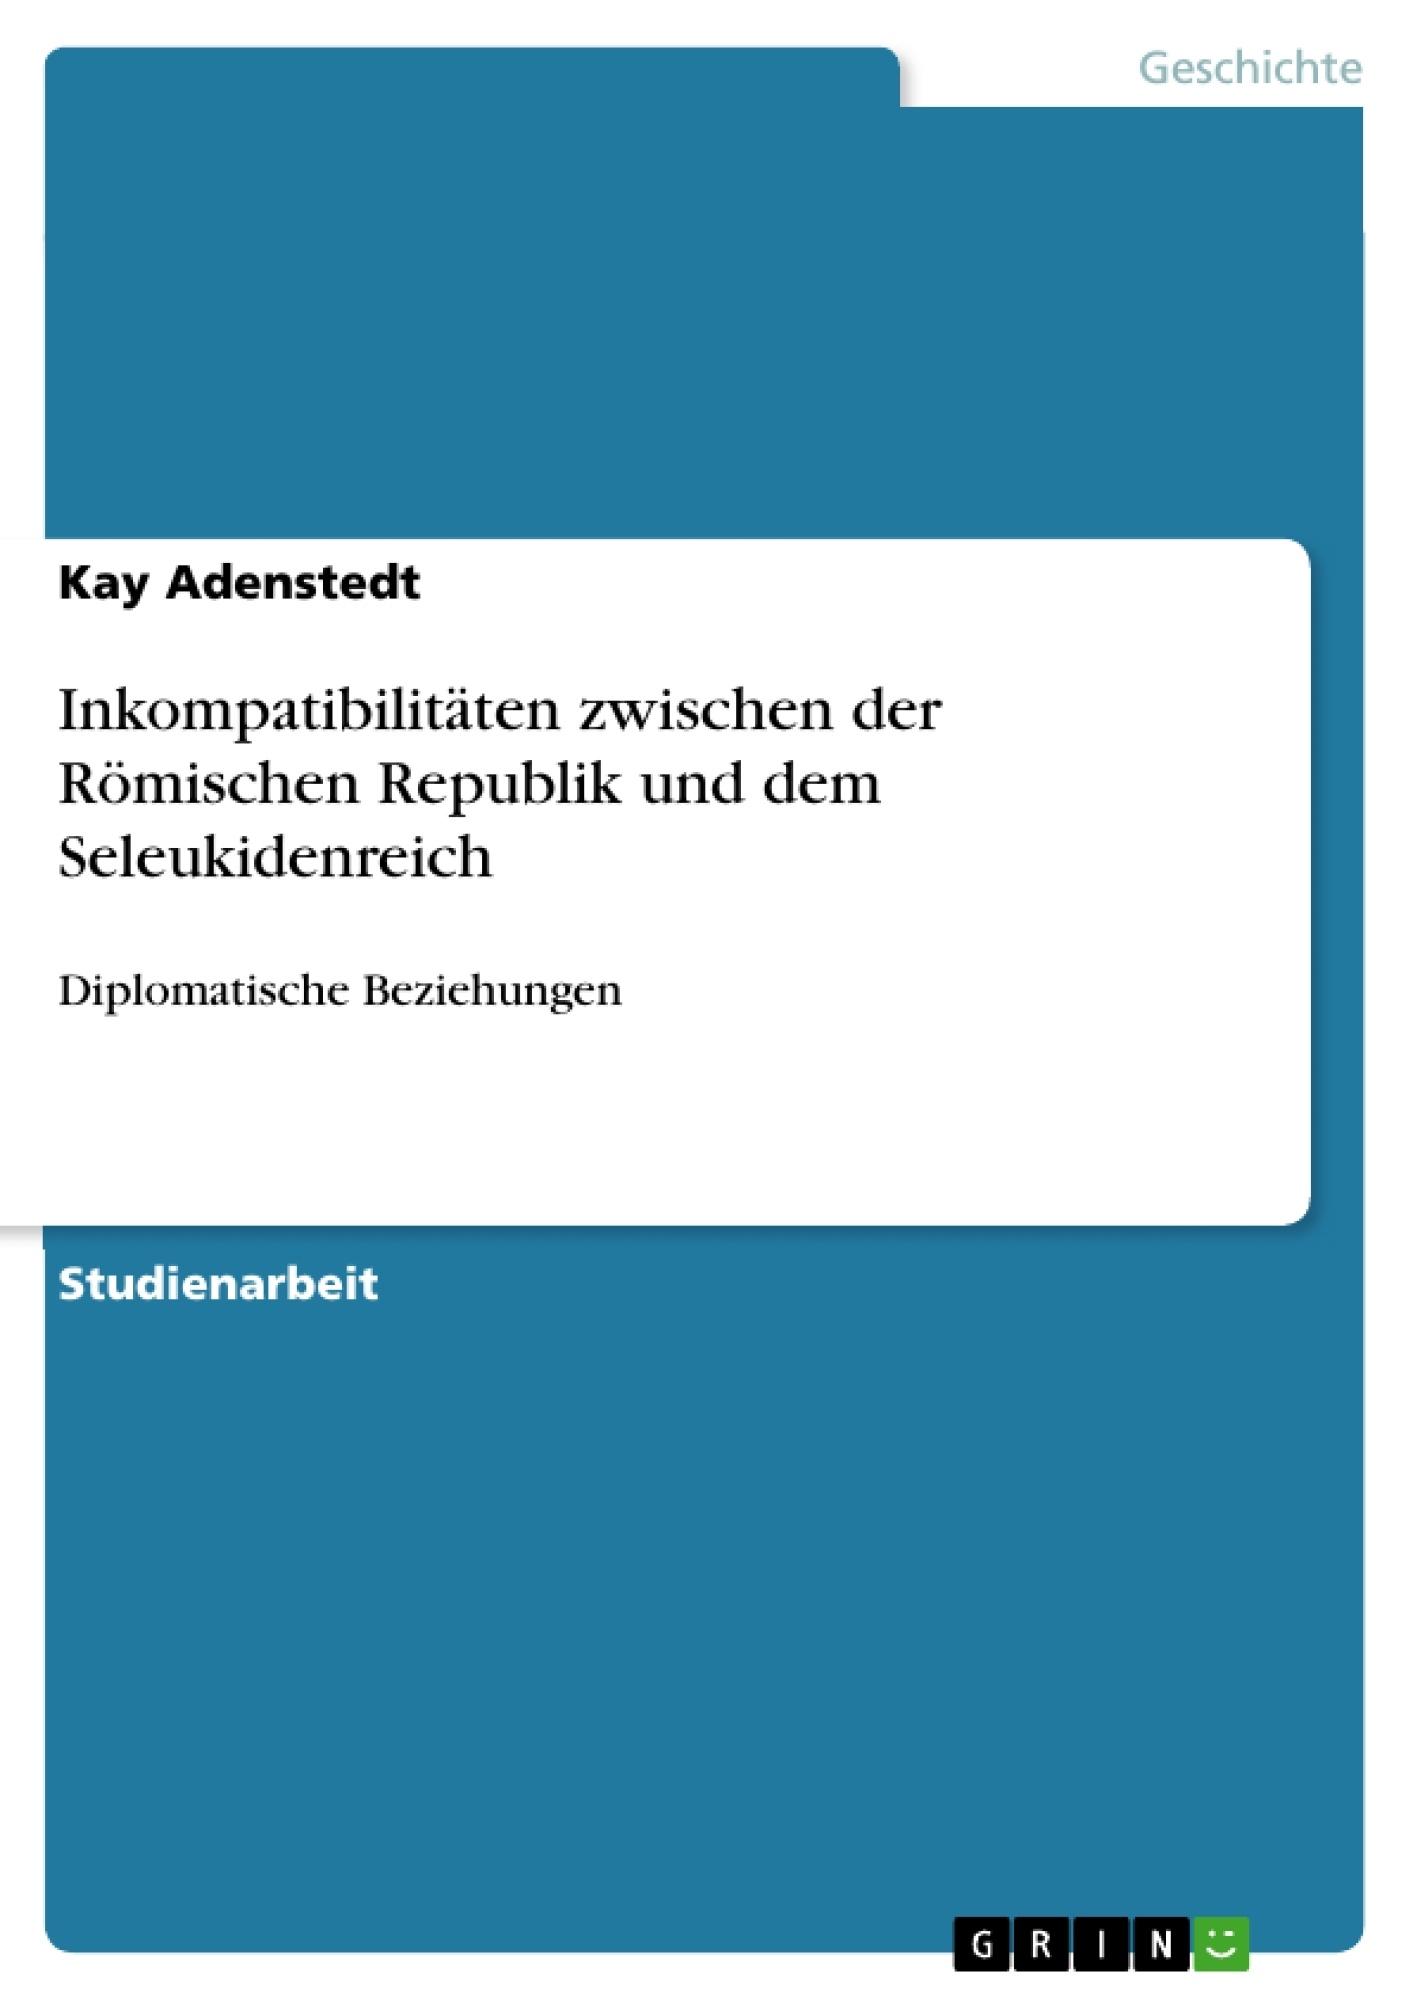 Titel: Inkompatibilitäten zwischen der Römischen Republik und dem Seleukidenreich